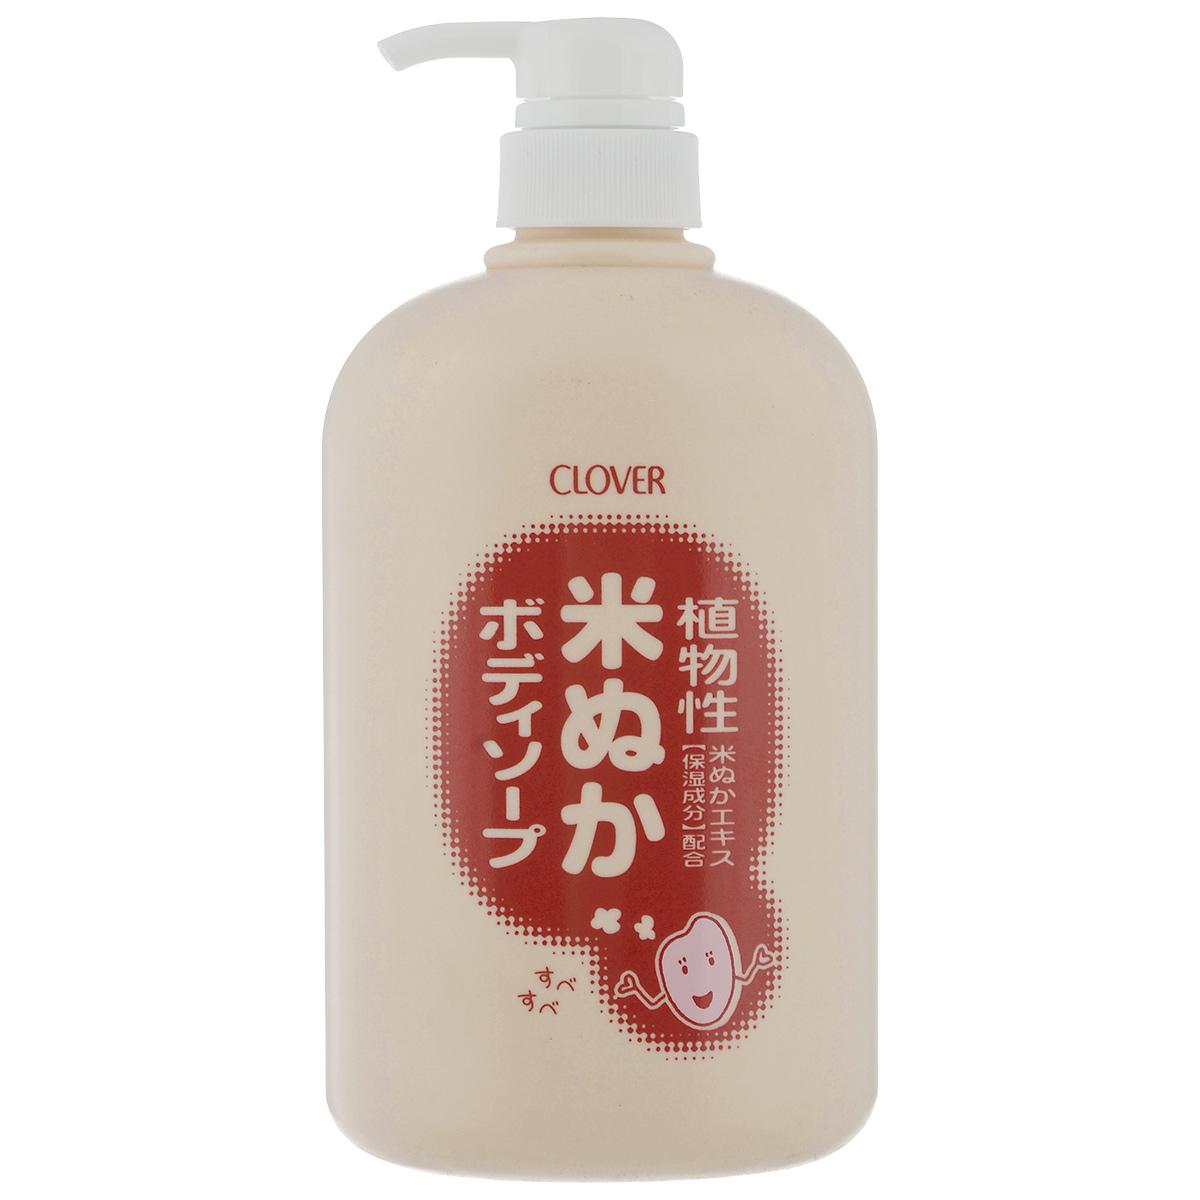 Clover Увлажняющее жидкое мыло для тела с экстрактом риса 800млSatin Hair 7 BR730MNМягкое жидкое мыло для тела невероятно нежно к коже. Идеально подойдет для чувствительной и детской кожи. Натуральные природные компоненты заботливо ухаживают за Вашей кожей. Мягко очистят поры, окажут мощное увлажняющее действие. Экстракт риса является богатейшим источником протеинов, витаминов В и антиоксидантов, которые эффективно действуют в борьбе со свободными радикалами. Интенсивно увлажняет и раглаживает кожу.